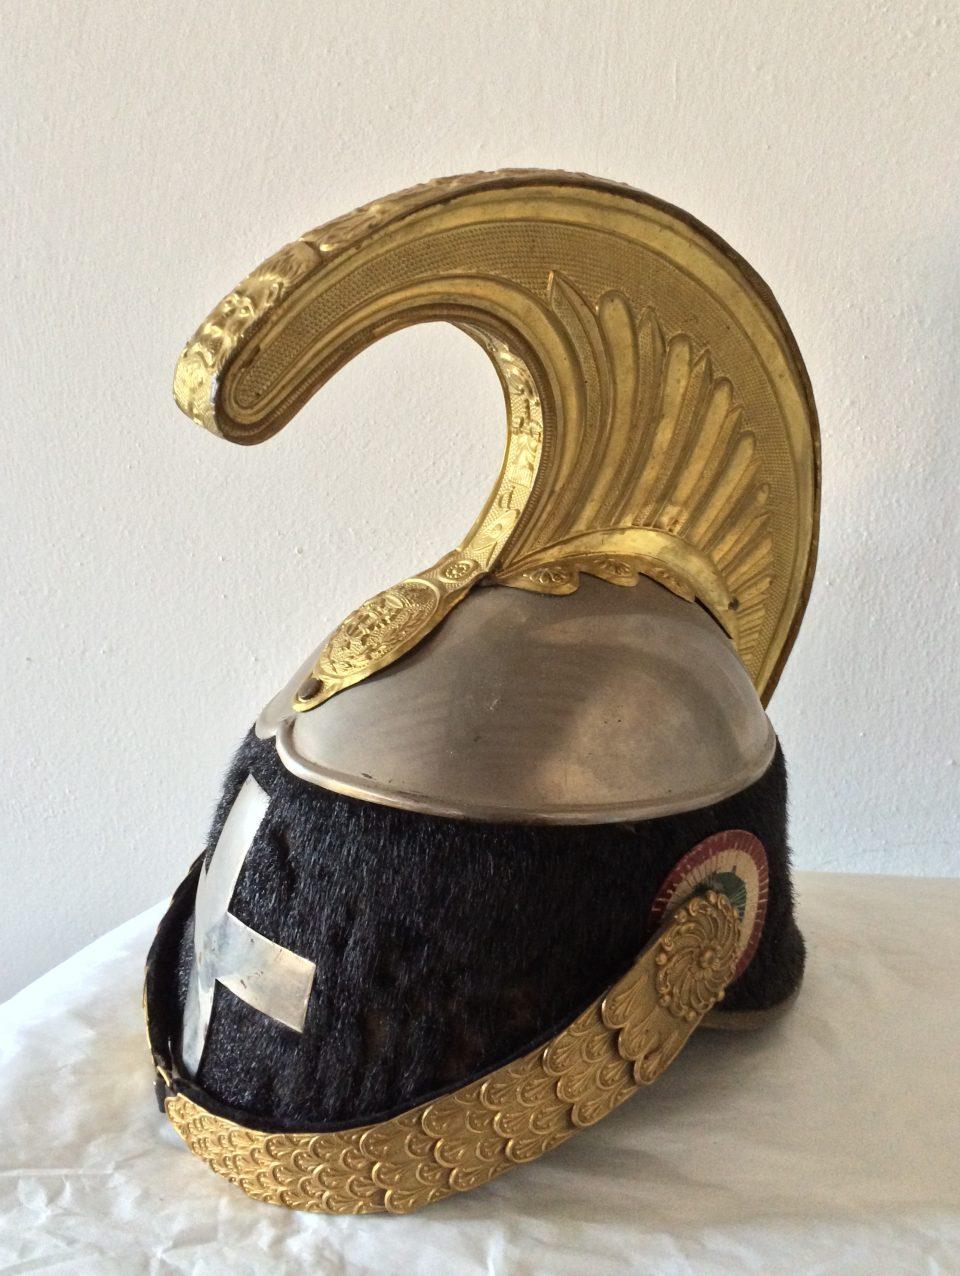 Elmo di Cavalleria da truppa portato da soldati del Reggimento di Cavalleria Savoia